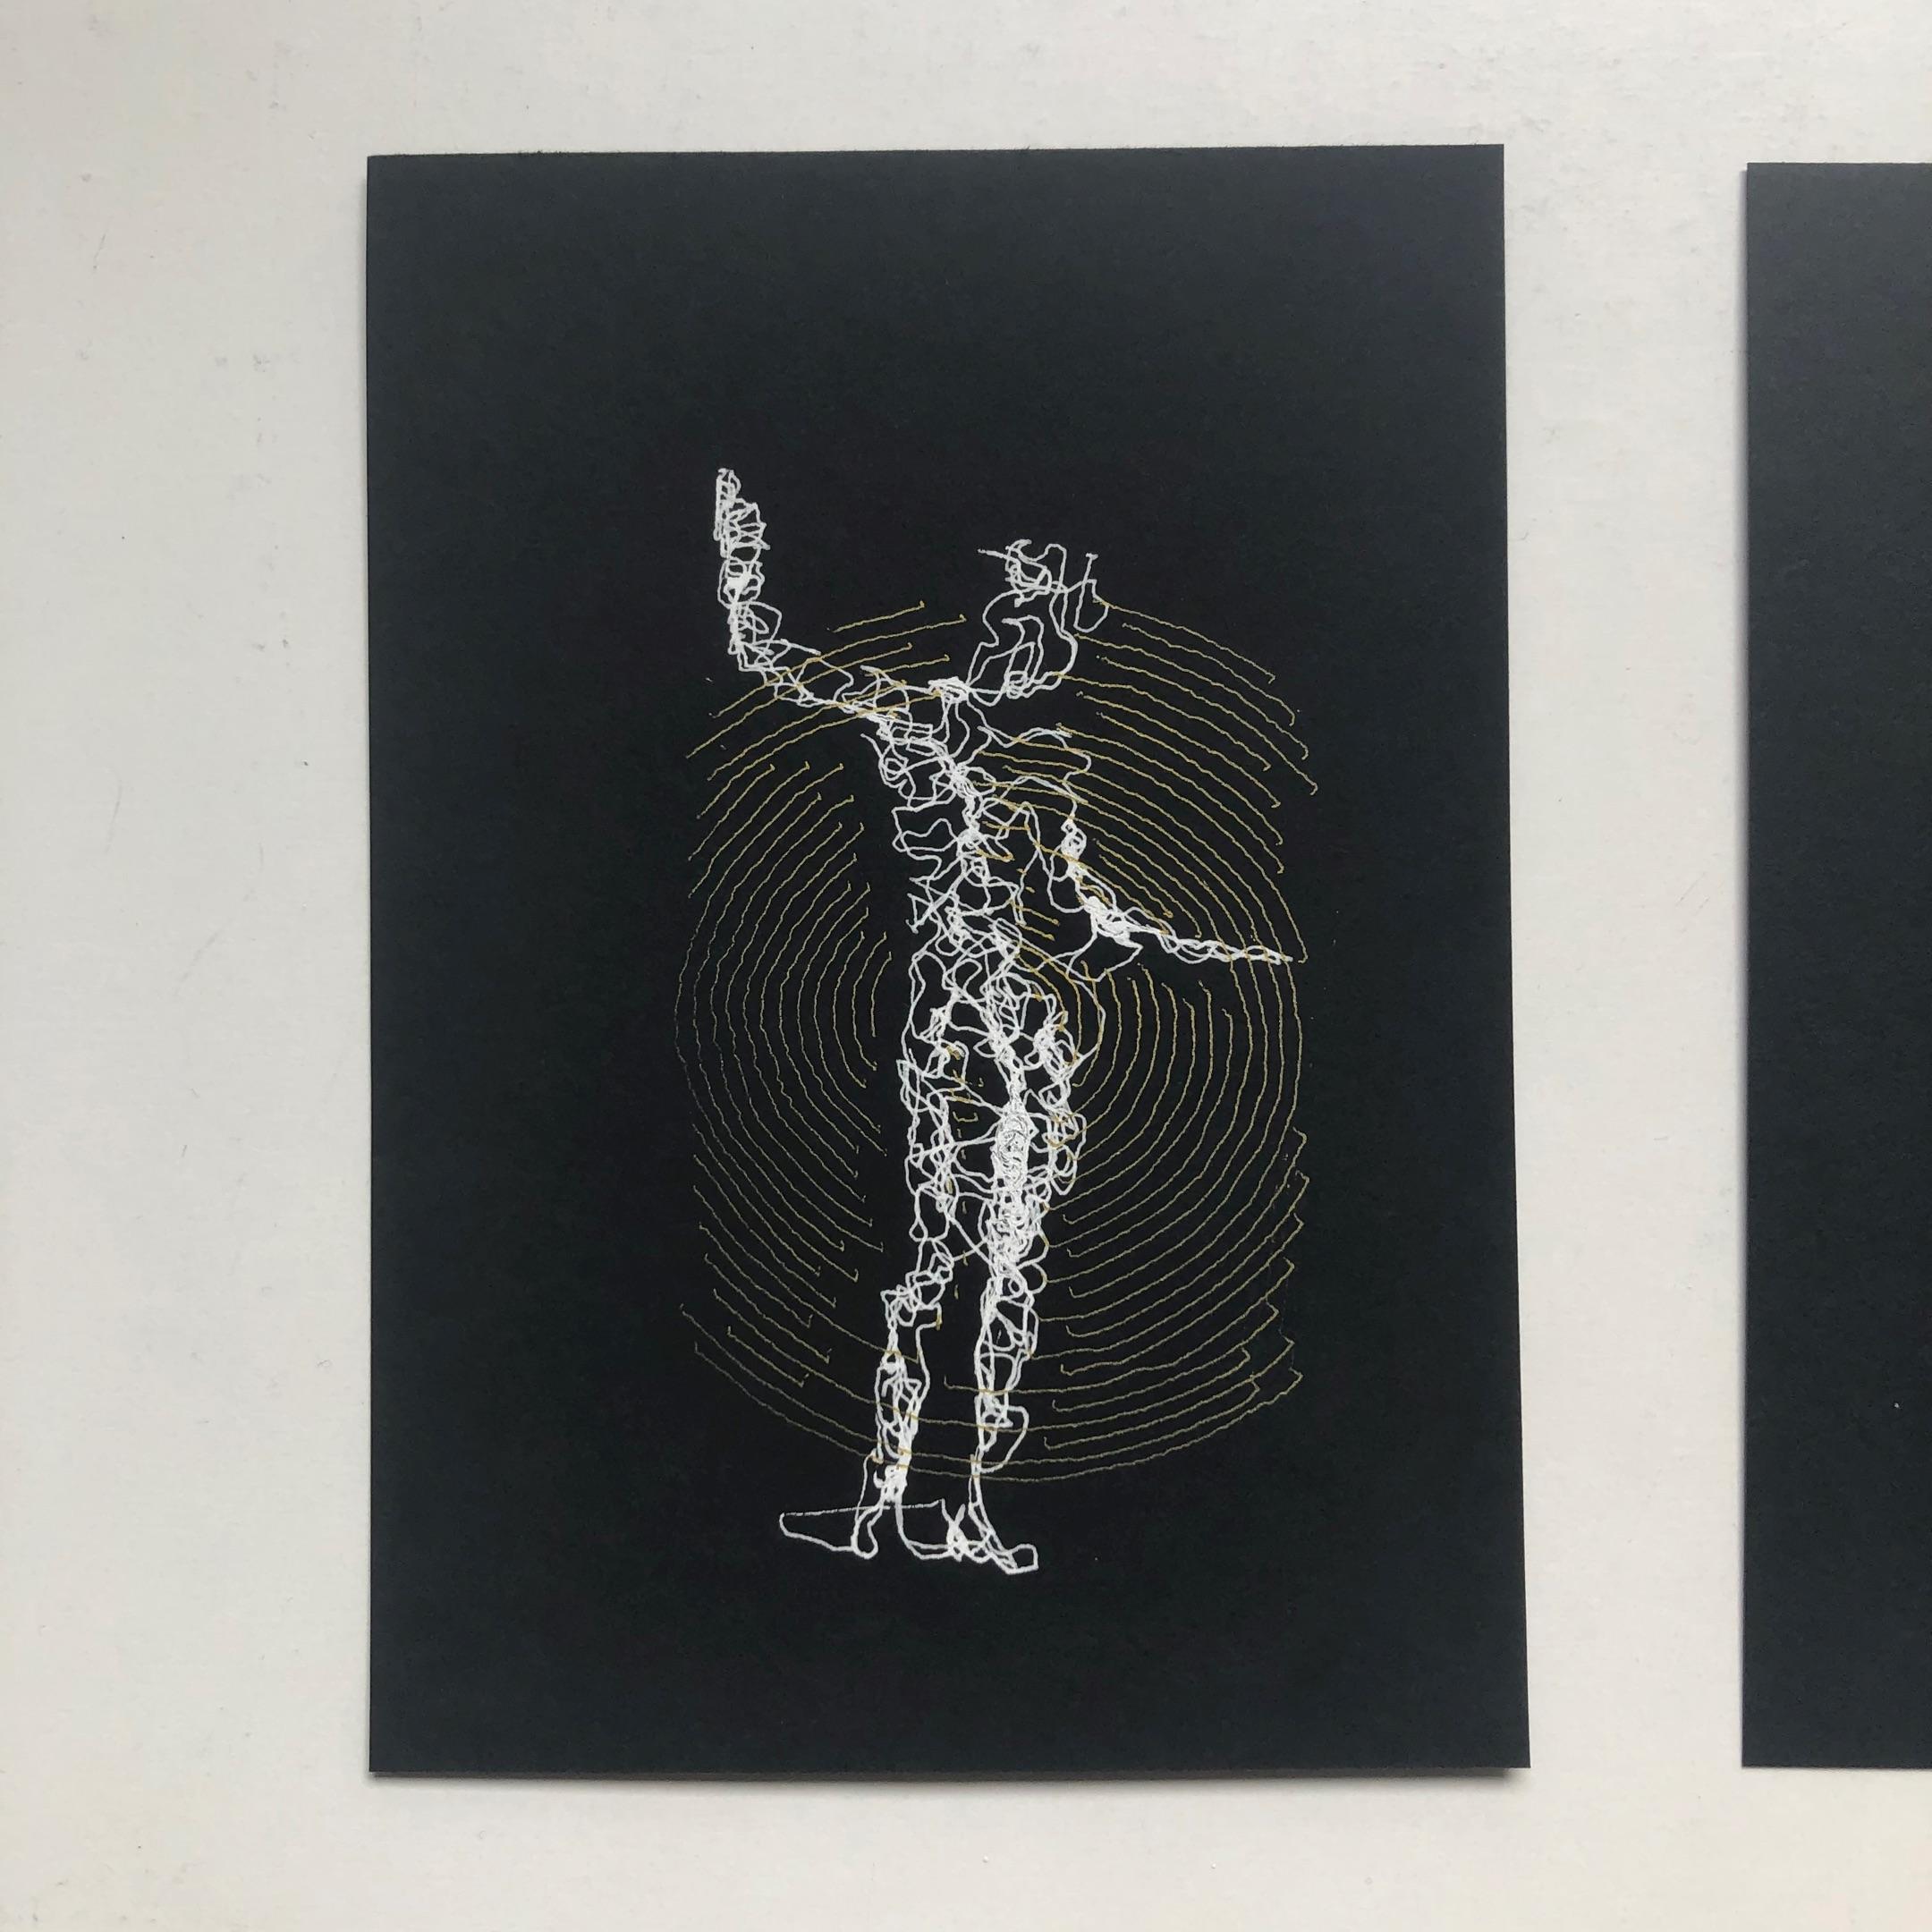 generative-drawings